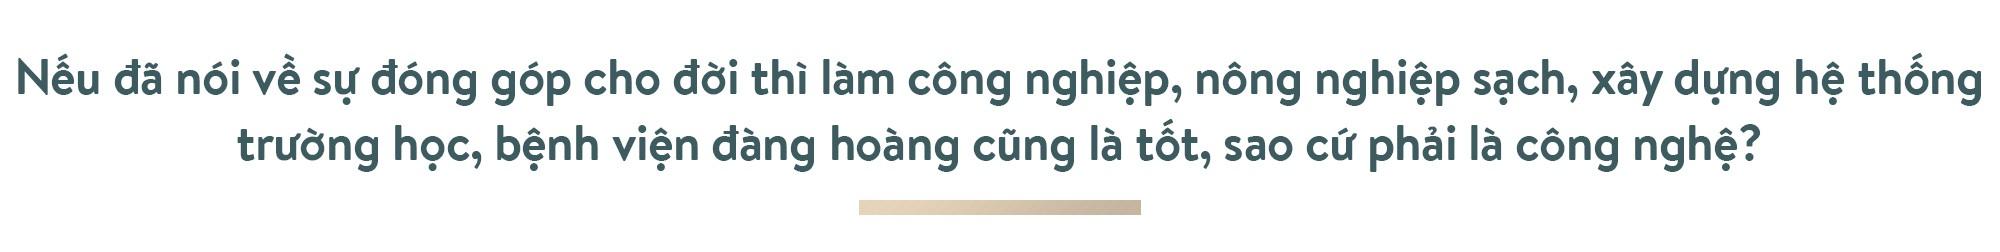 Ông Phạm Nhật Vượng: Thế giới phải biết Việt Nam trí tuệ, đẳng cấp - Ảnh 3.